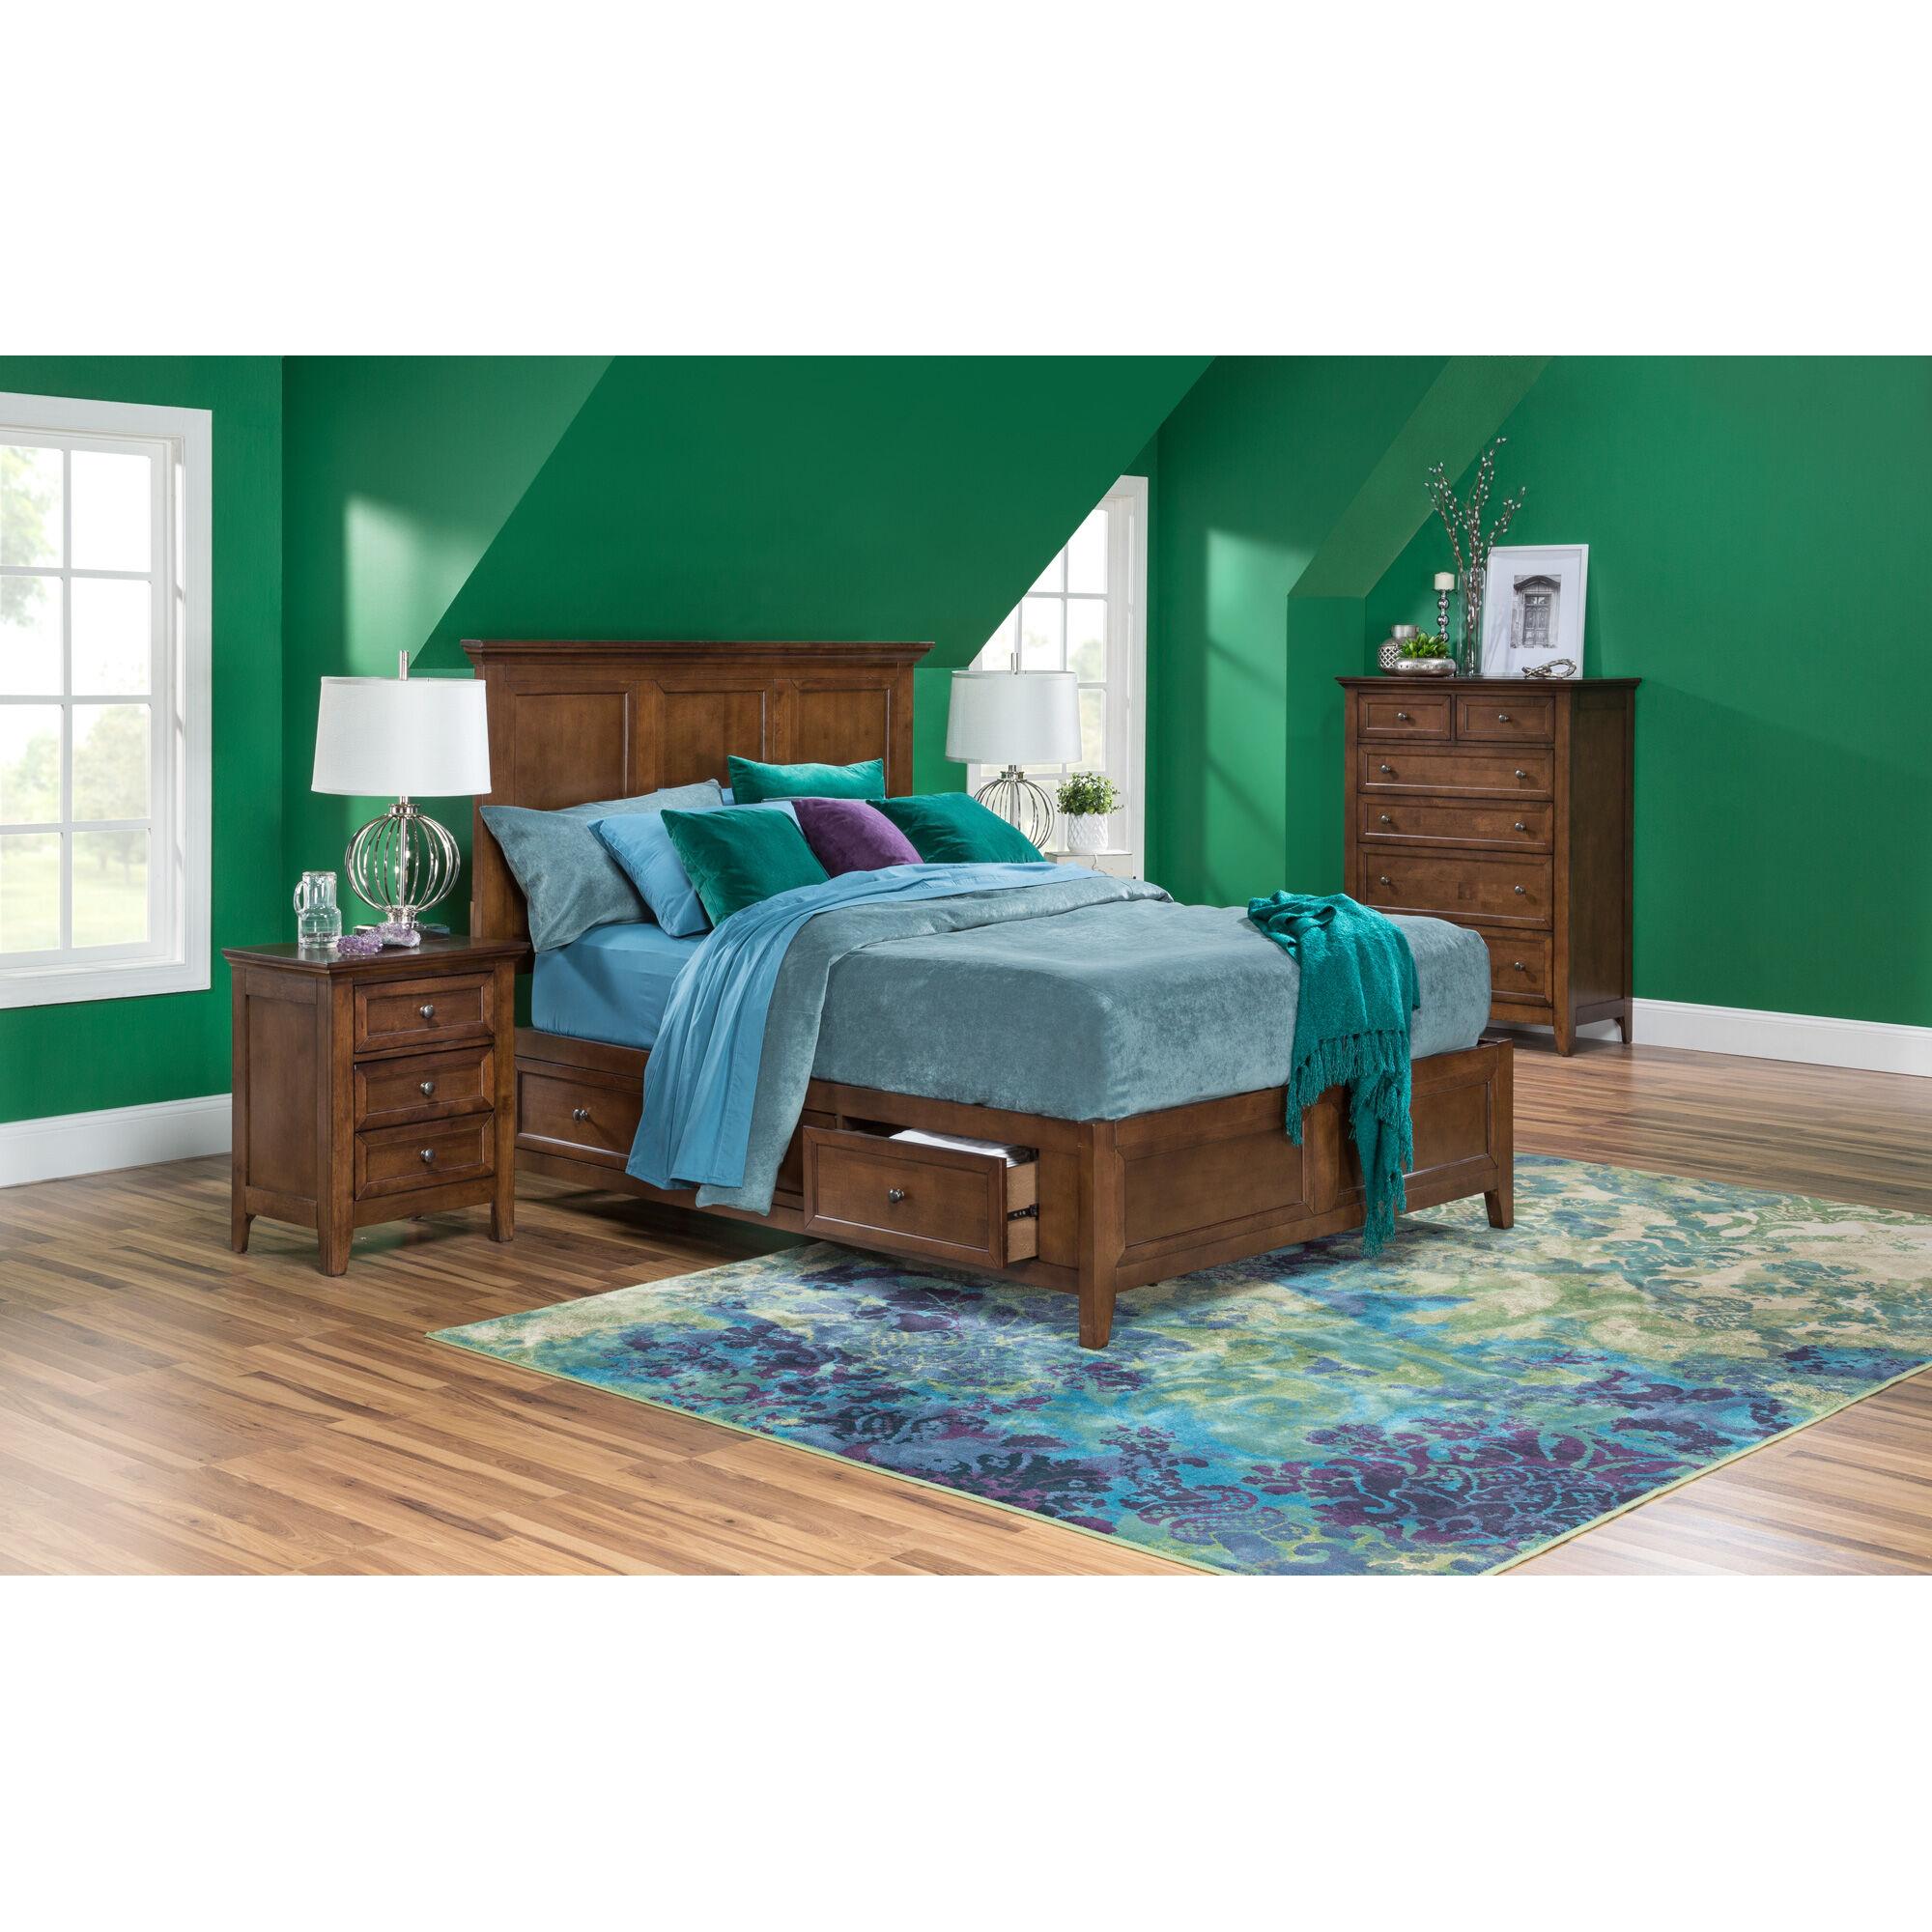 Slumberland Furniture San Mateo Queen Storage Bed